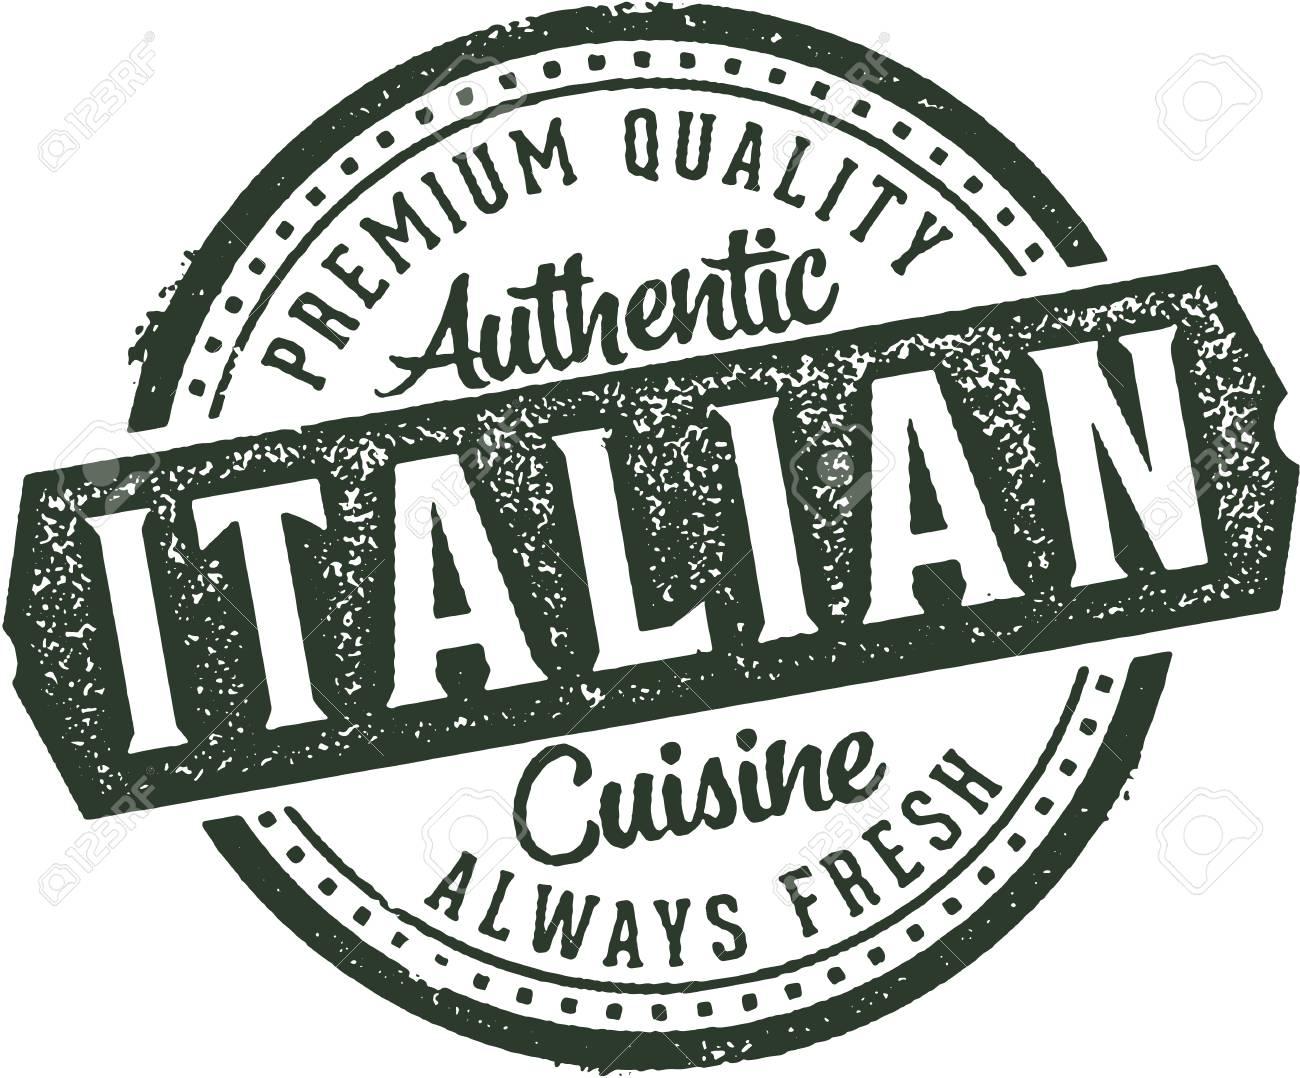 Authentic Italian Cuisine Restaurant Stamp.